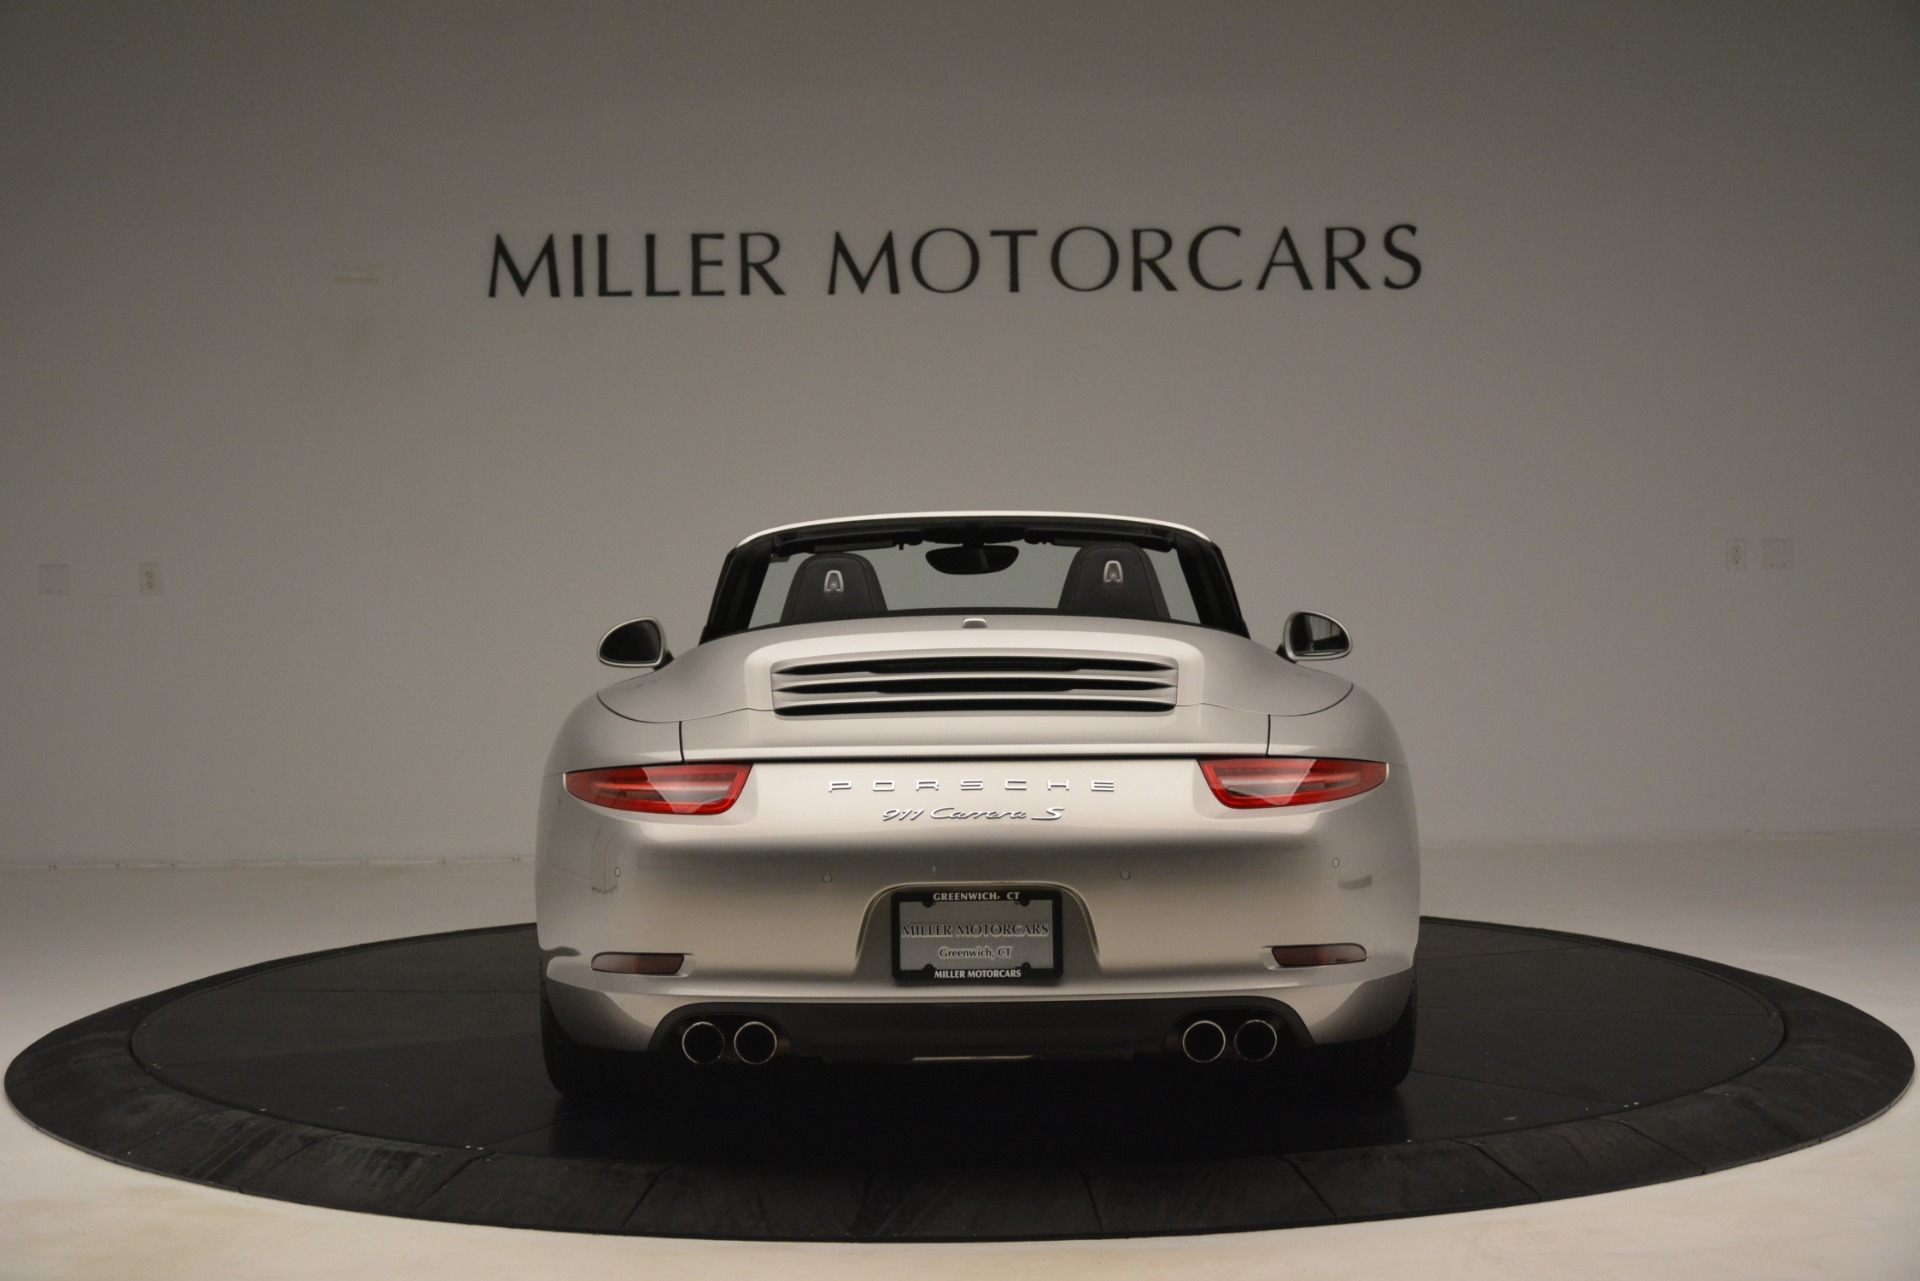 Used 2013 Porsche 911 Carrera S For Sale In Greenwich, CT 3107_p6